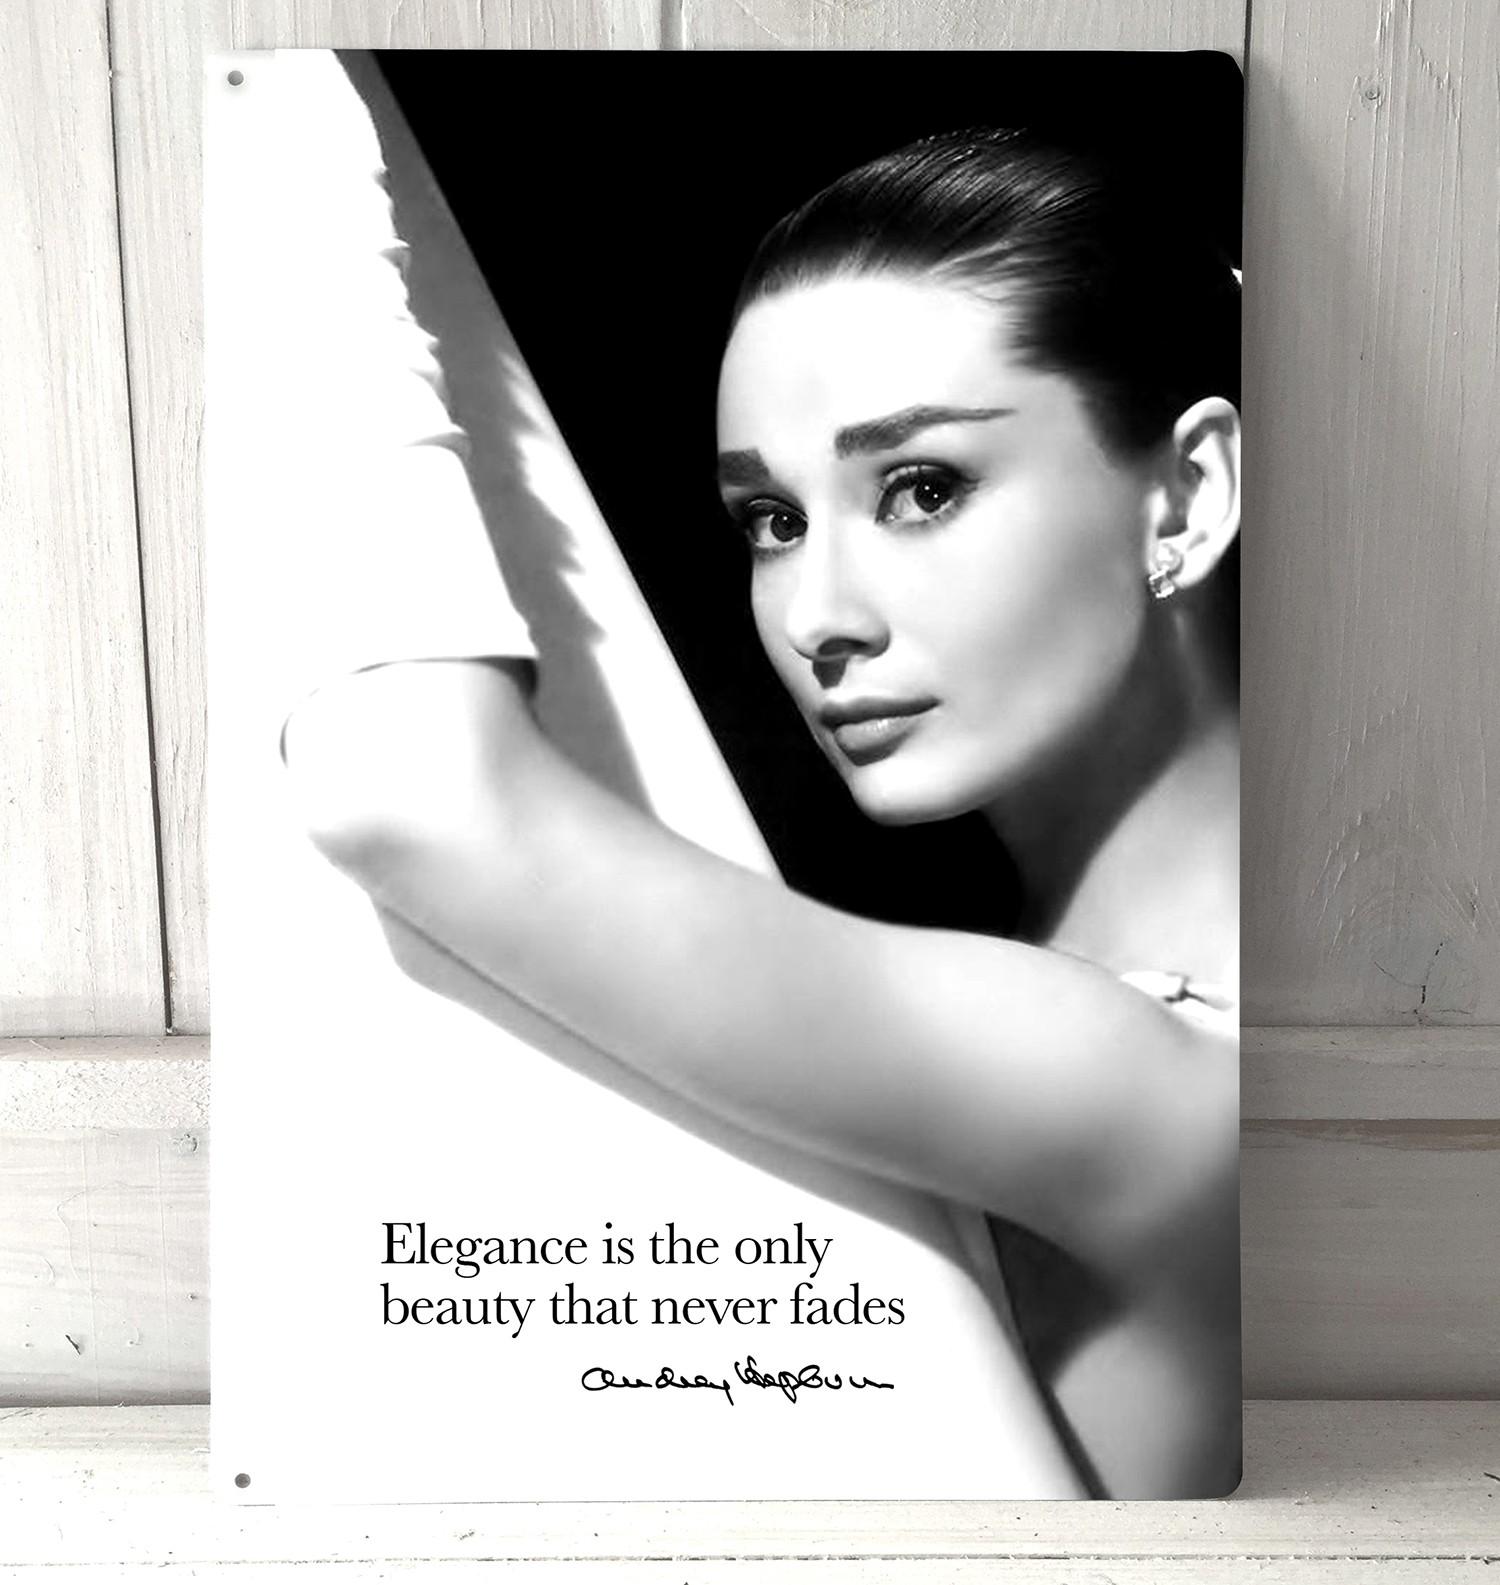 Audrey Hepburn Elegance Quote Quote Metal Sign